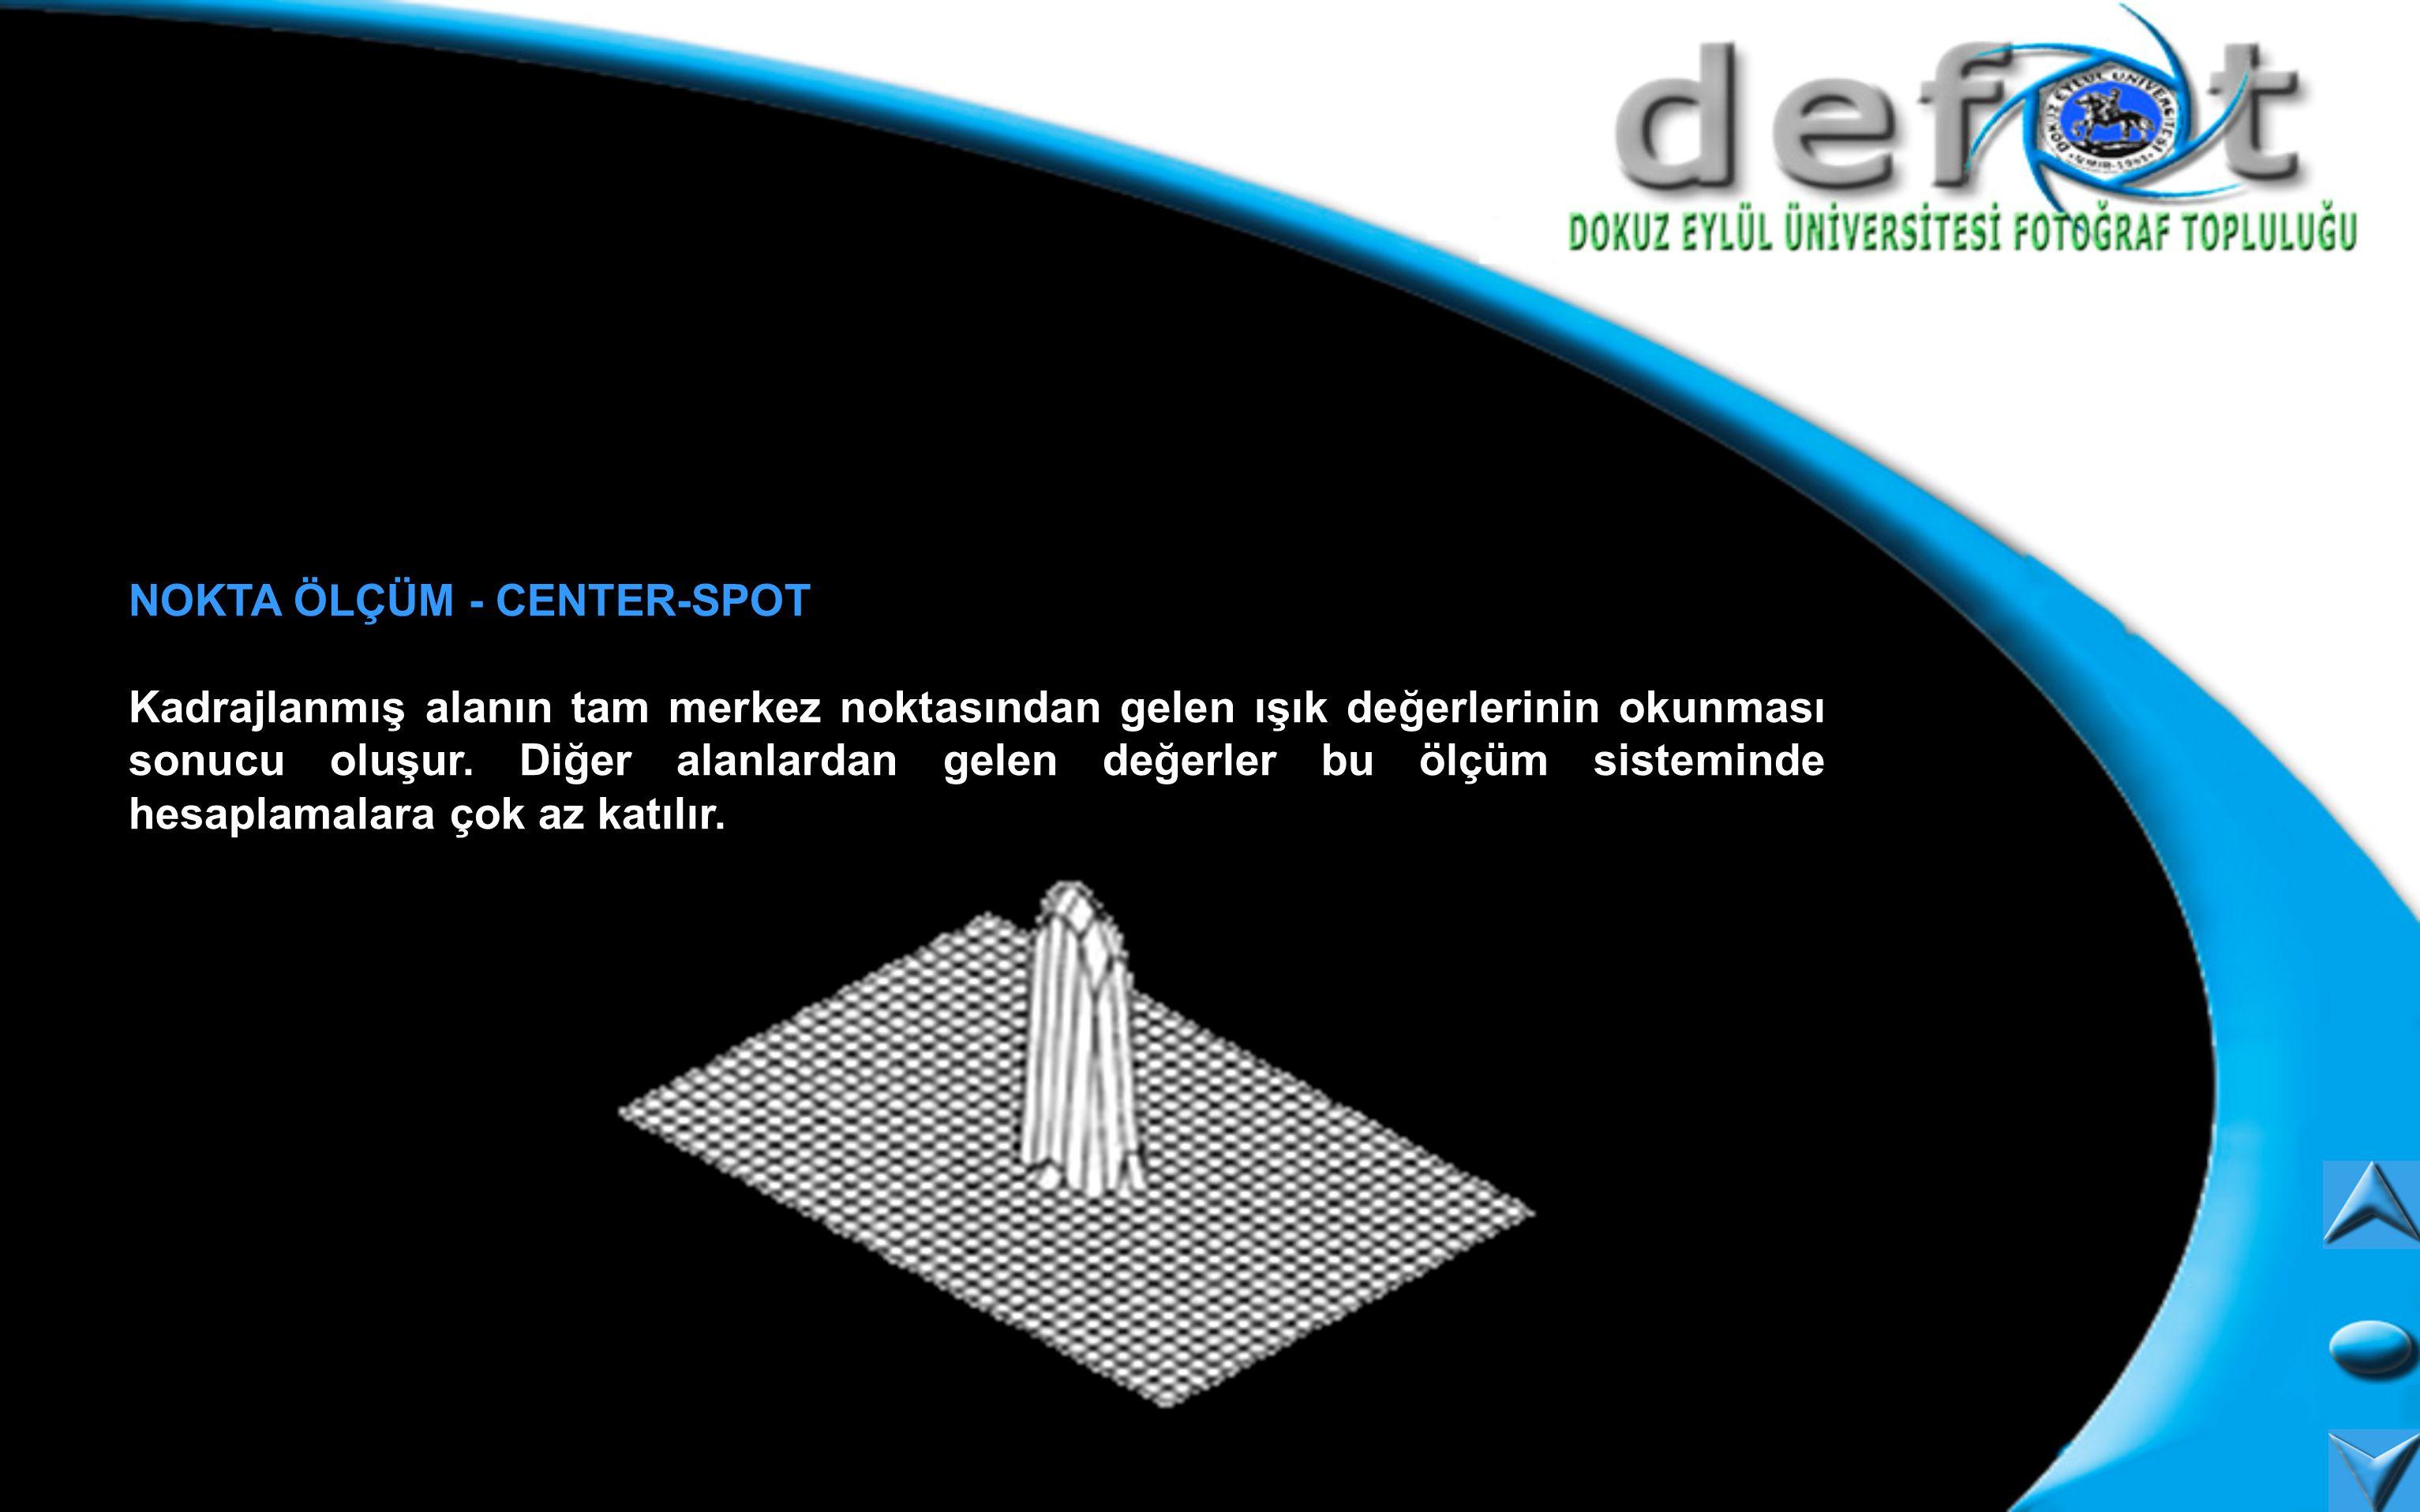 NOKTA ÖLÇÜM - CENTER-SPOT Kadrajlanmış alanın tam merkez noktasından gelen ışık değerlerinin okunması sonucu oluşur. Diğer alanlardan gelen değerler b